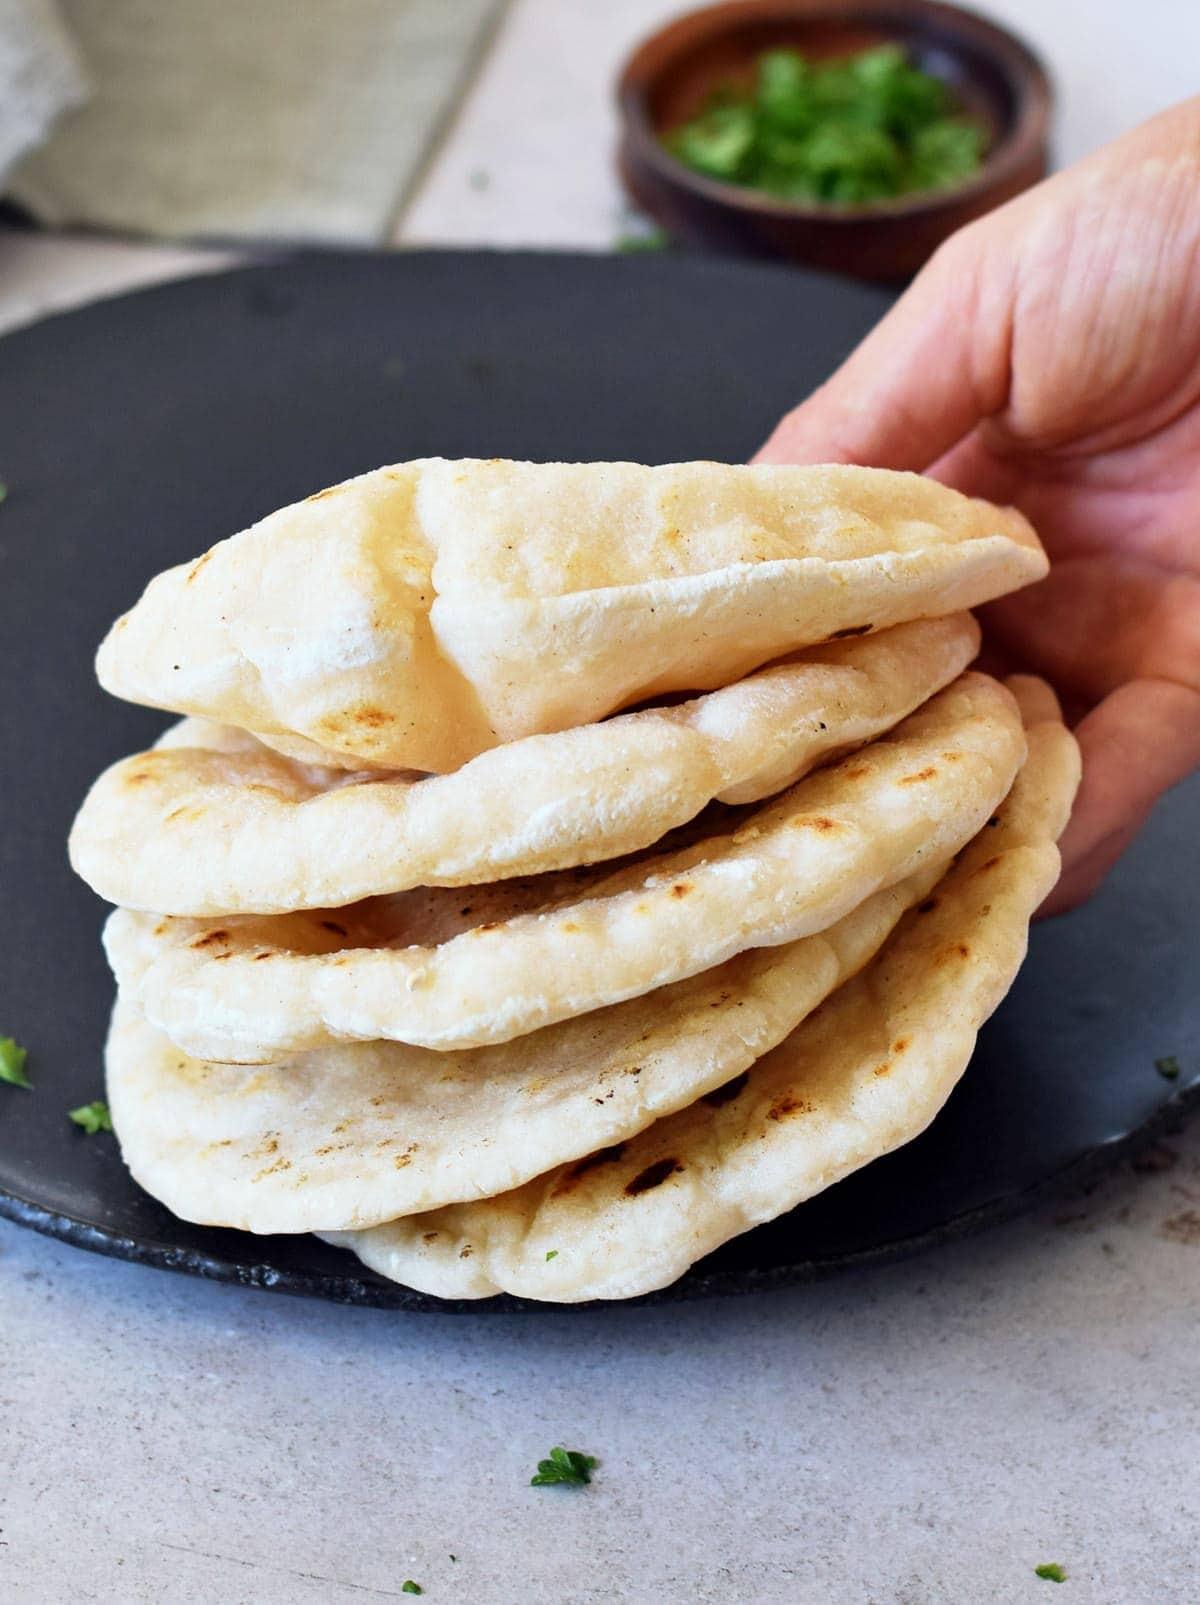 hand holding 5 gluten free flatbreads